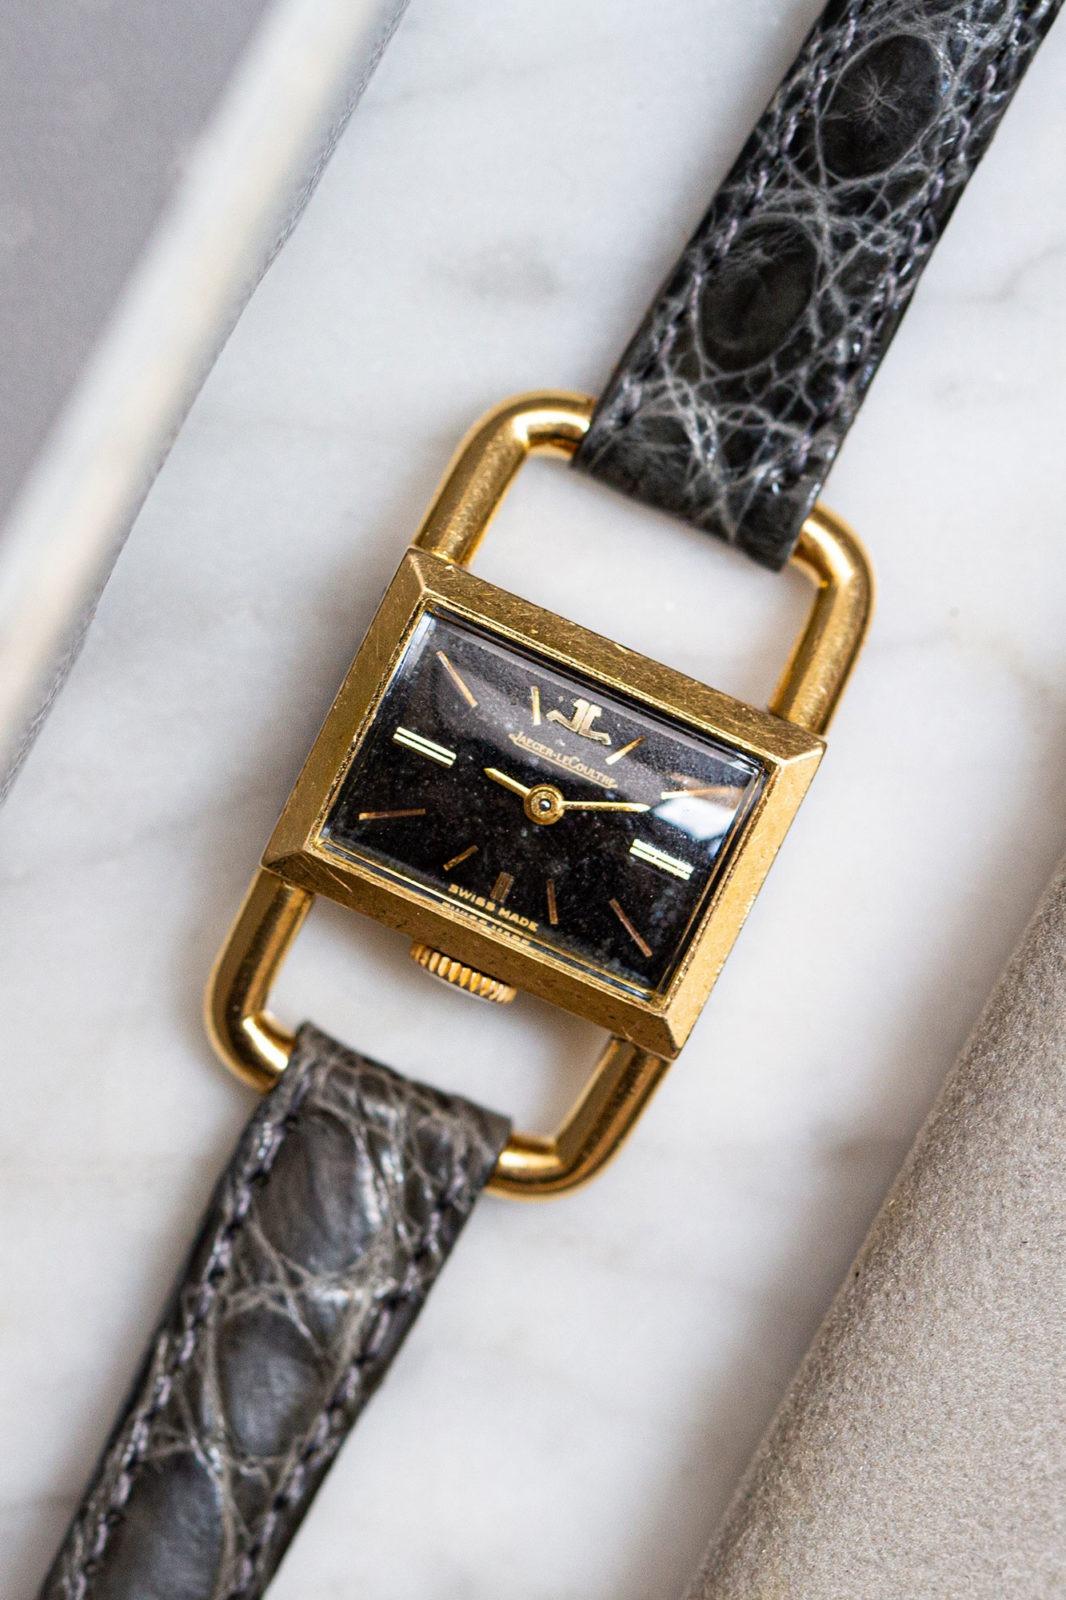 Jaeger-LeCoultre Etrier for Hermès - Sélection de montres vintage Joseph Bonnie